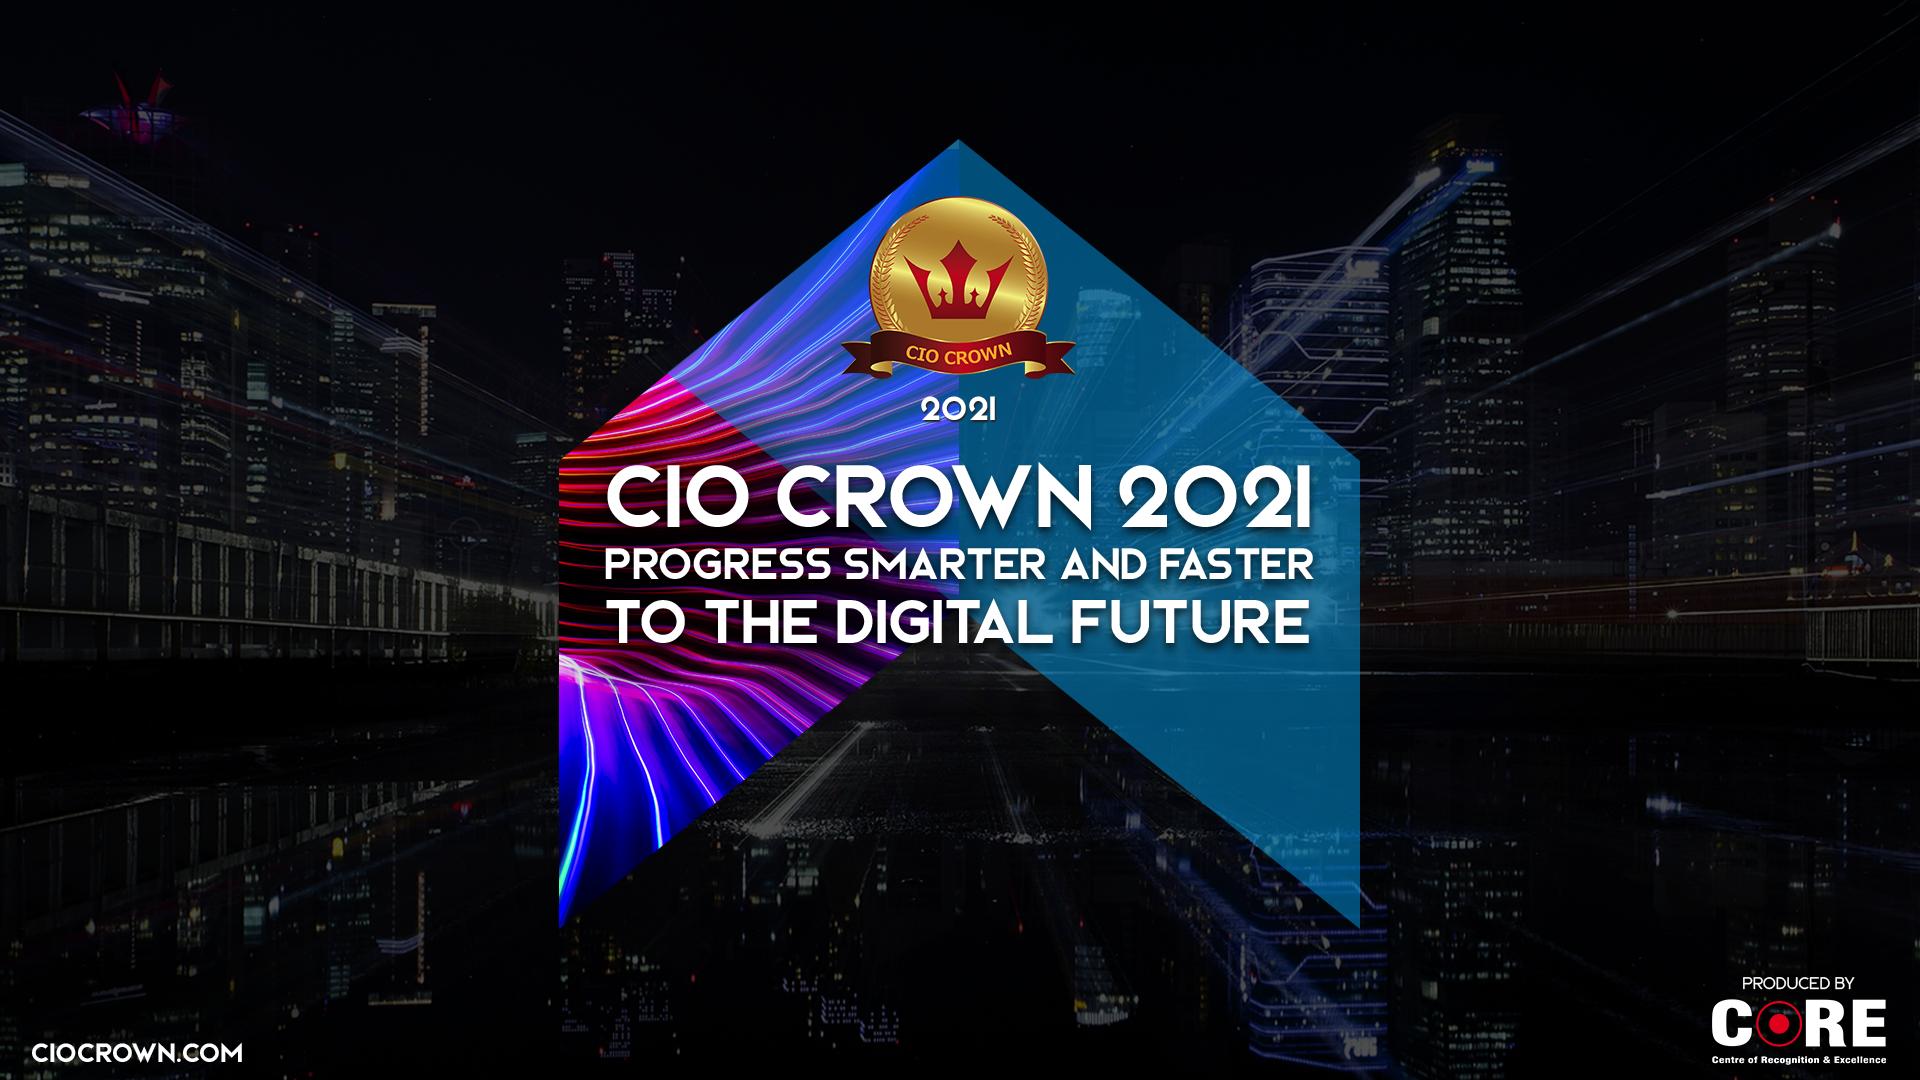 CIO Crown 2021: Progress Smarter and Faster to the Digital Future